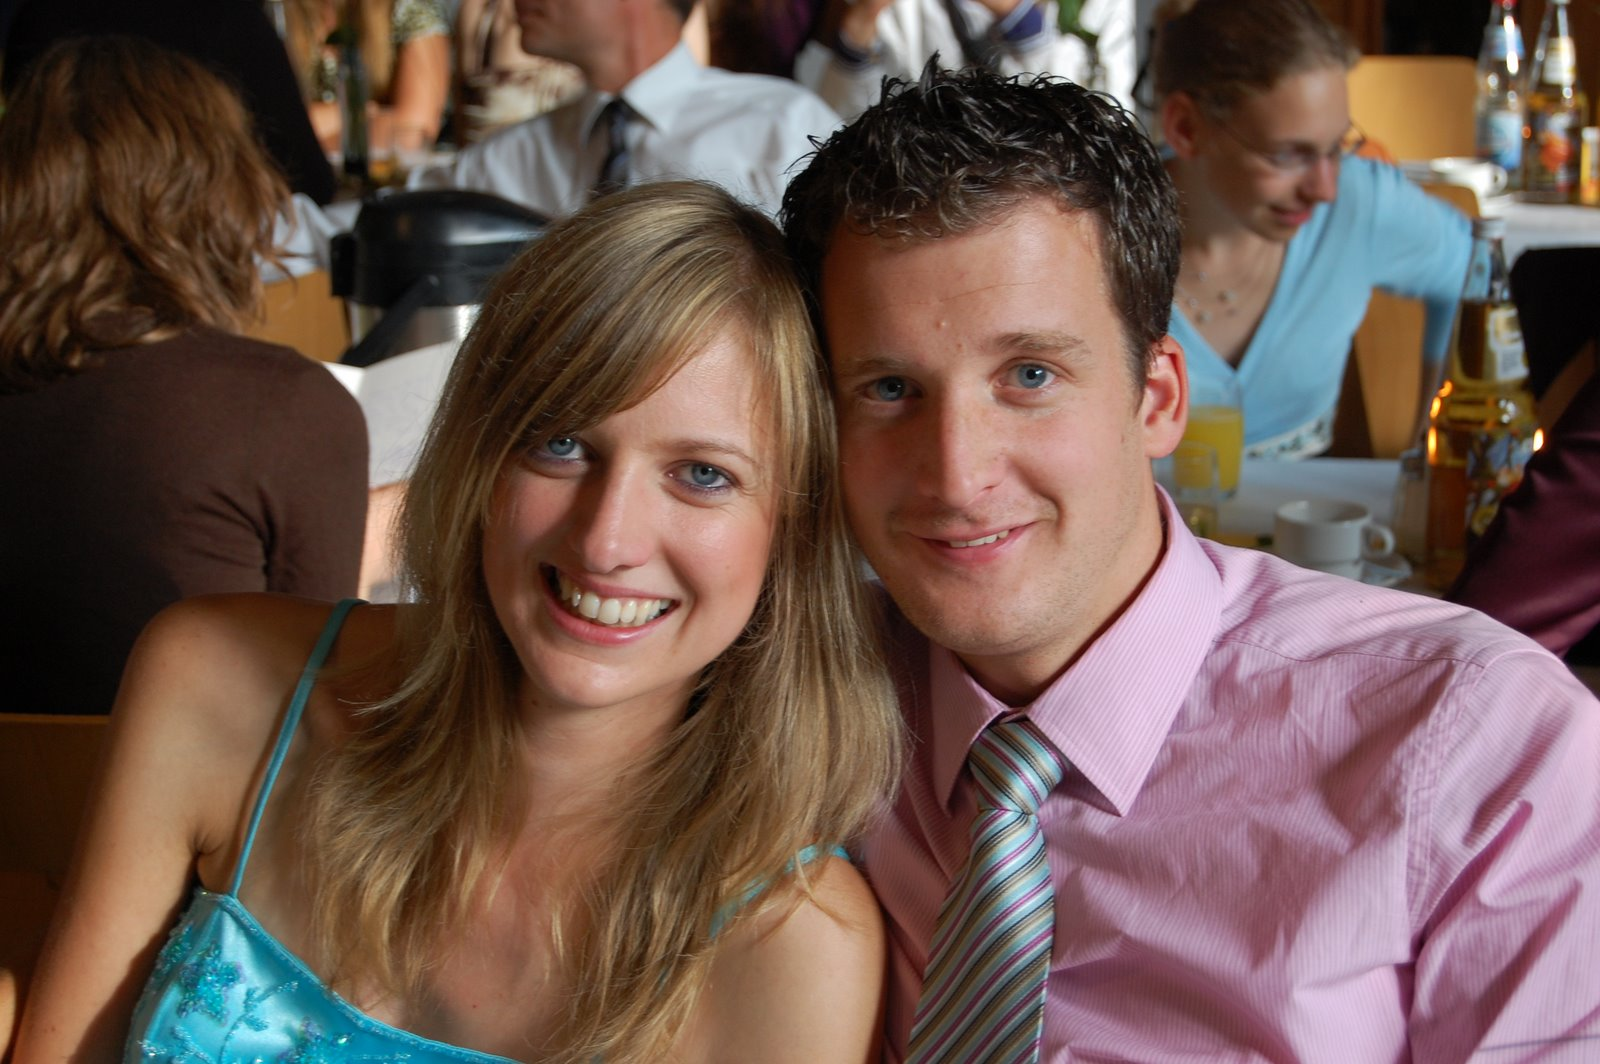 Jennys diary: Die Hochzeit meiner Cousine- the wedding of